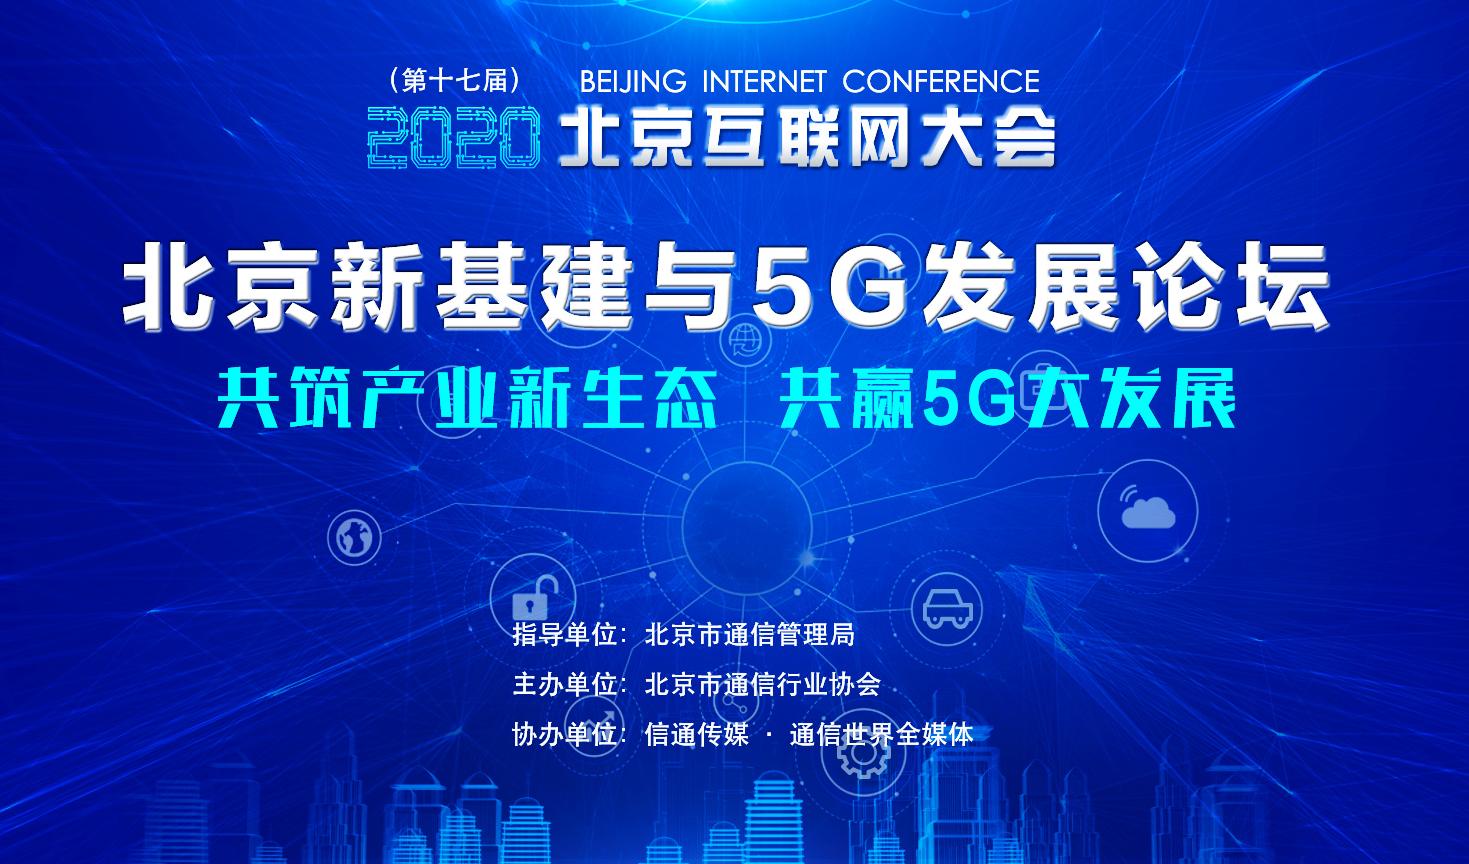 北京新基建与5G发展论坛:共筑产业新生态 共赢5G大发展